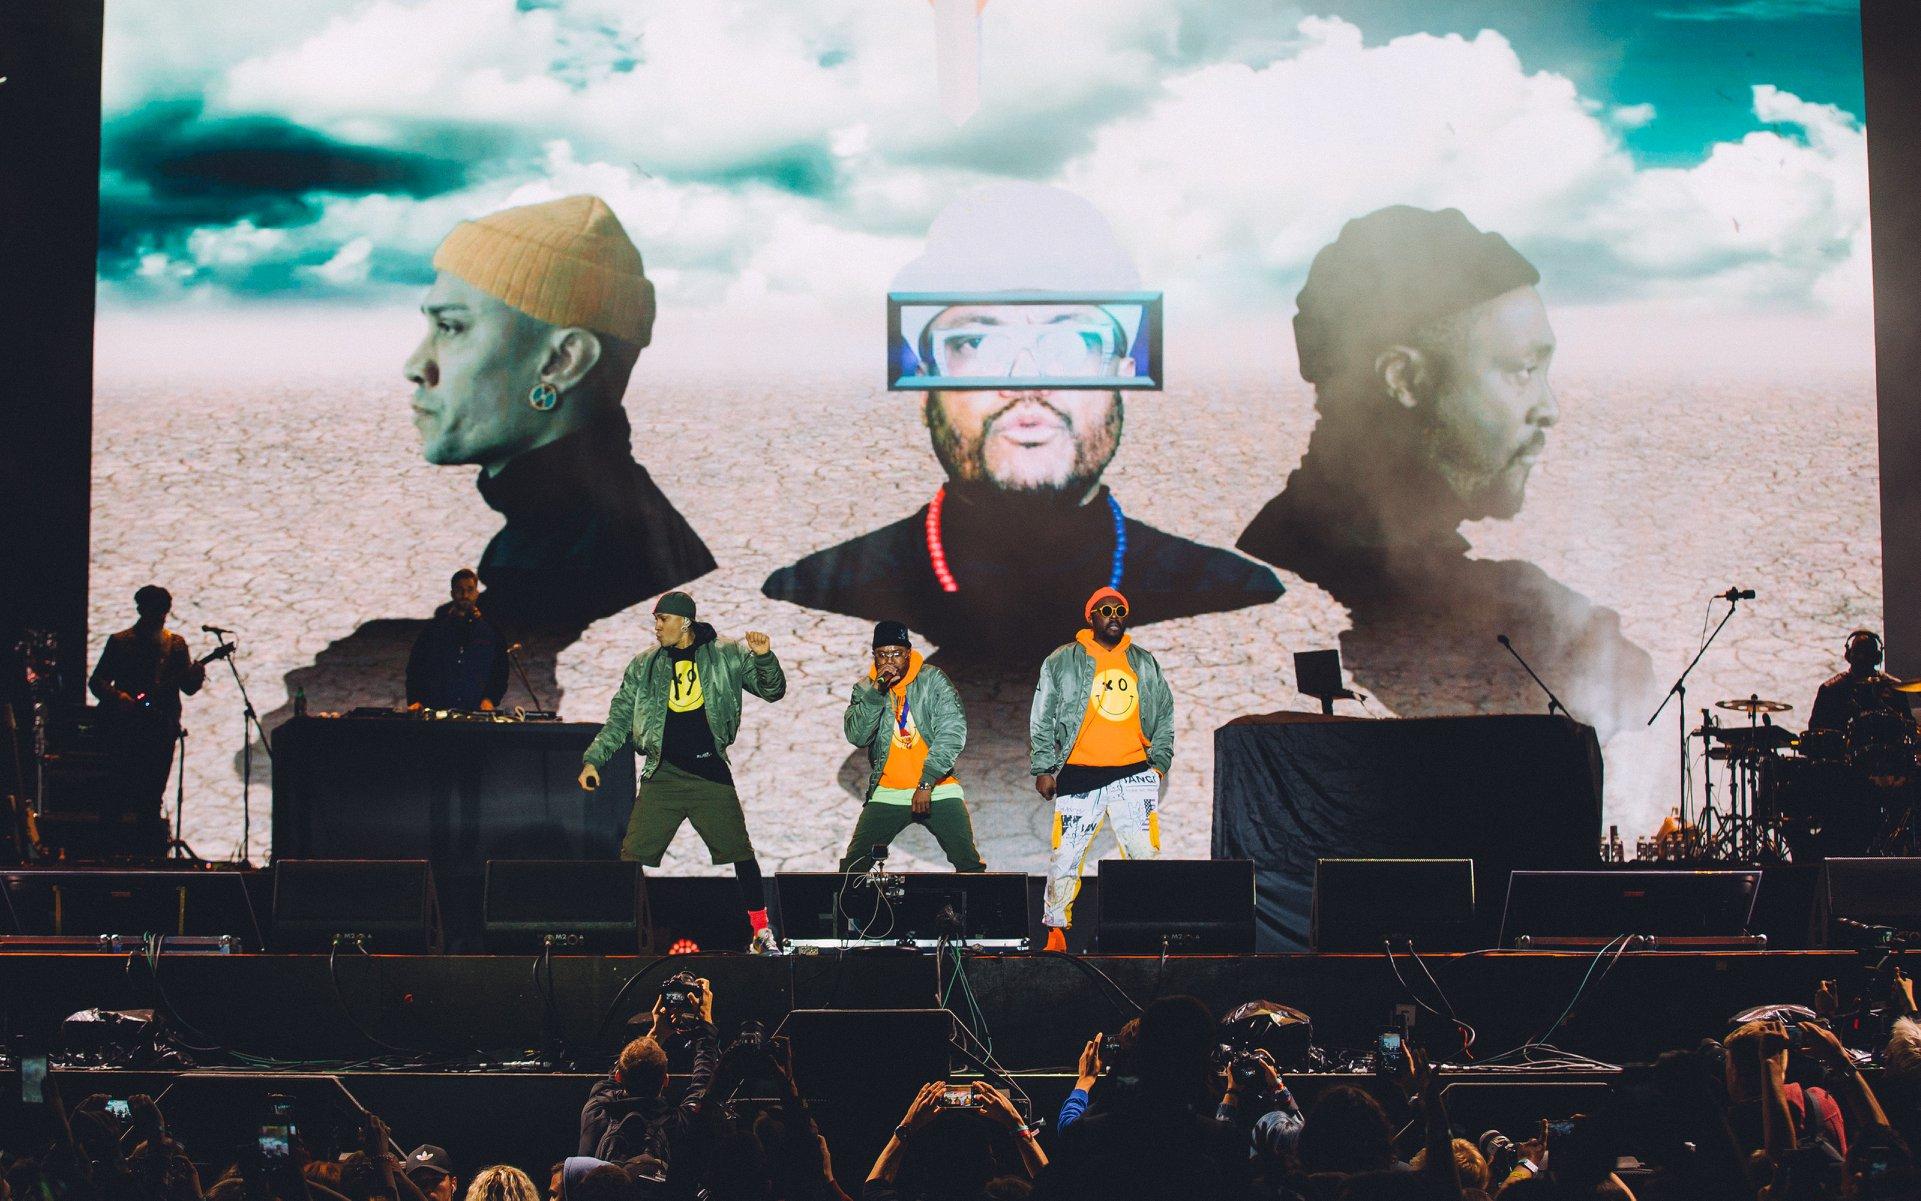 Специально для Marie Claire: интервью с группой Black Eyed Peas-Фото 2